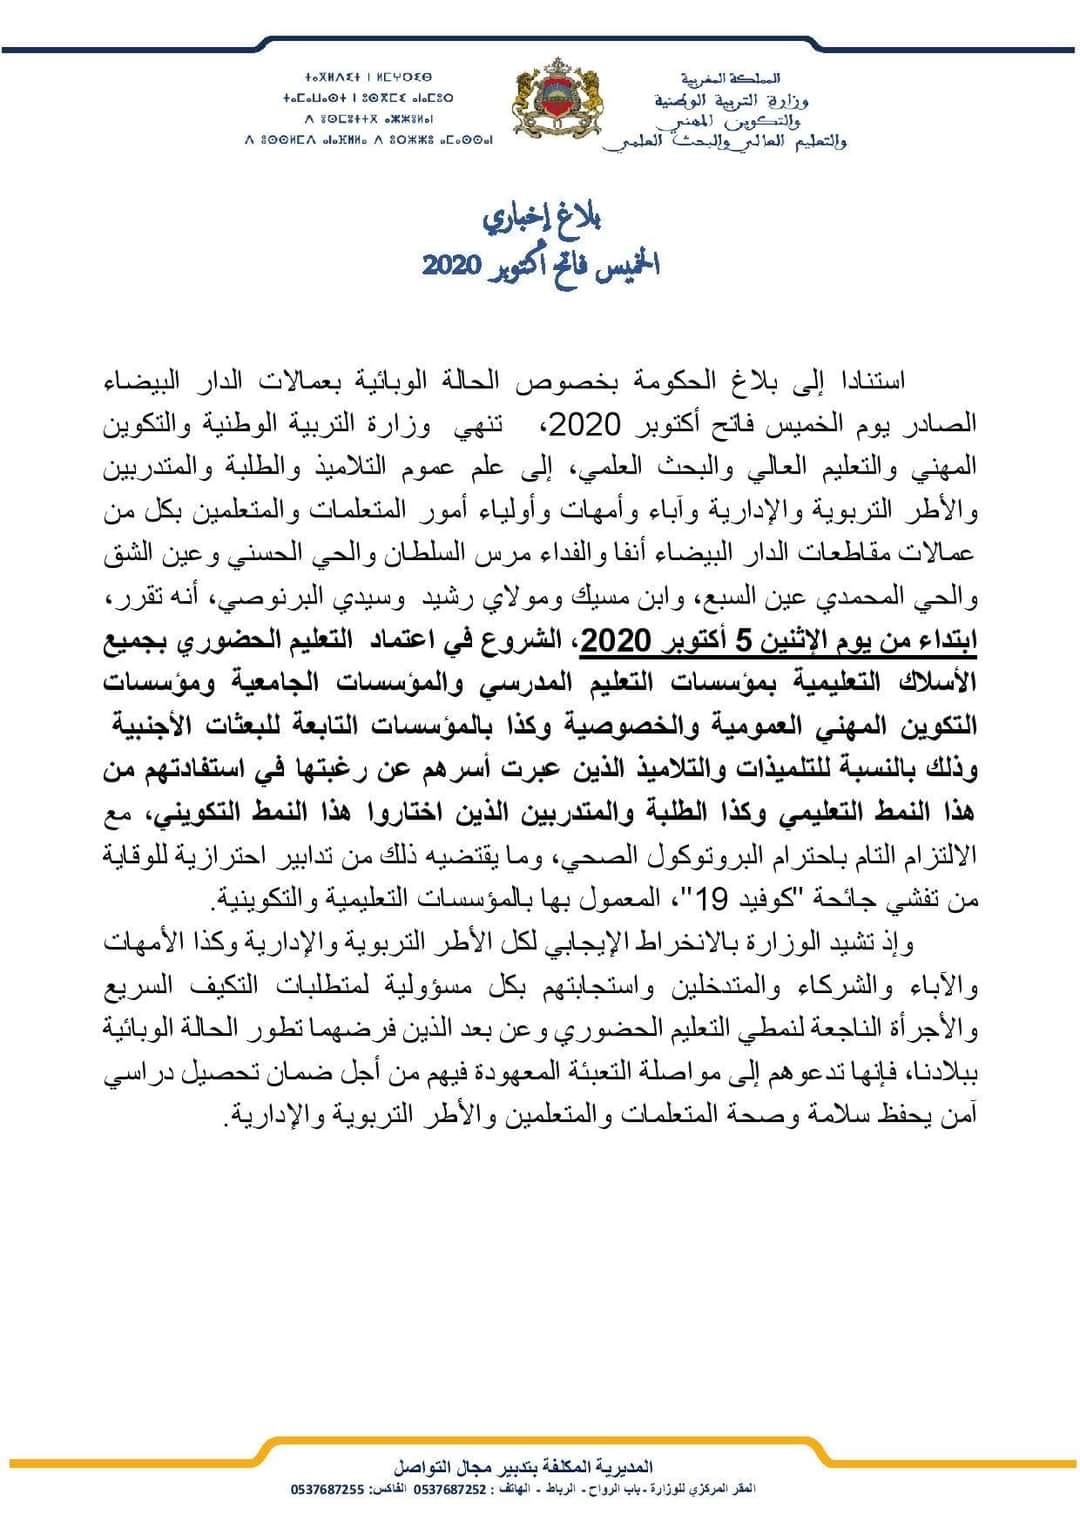 وزارة التربية الوطنية تعلن إتاحة نمط التعليم الحضوري بعمالة الدار البيضاء